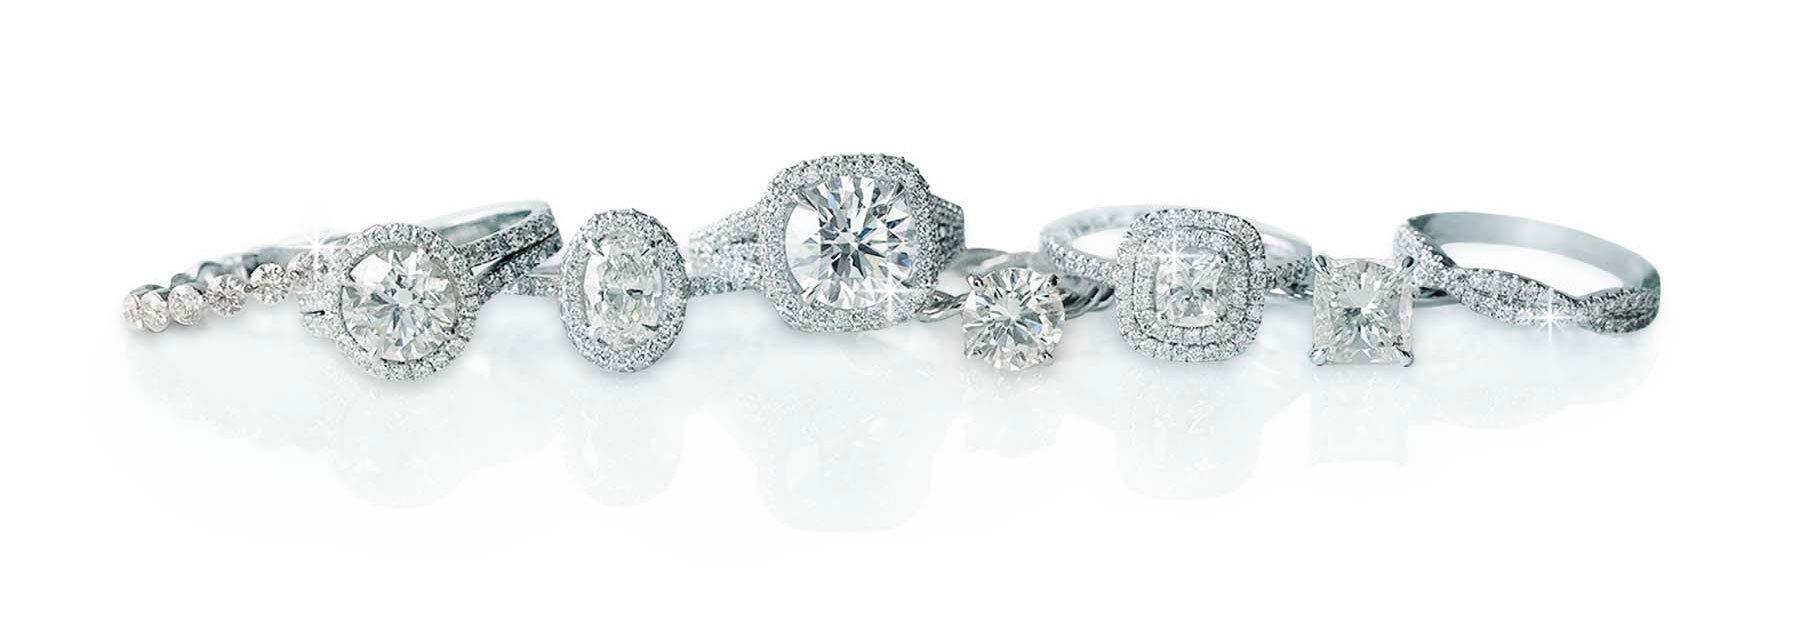 Denver's Custom Jewelers | Engagement Rings & Loose Diamonds